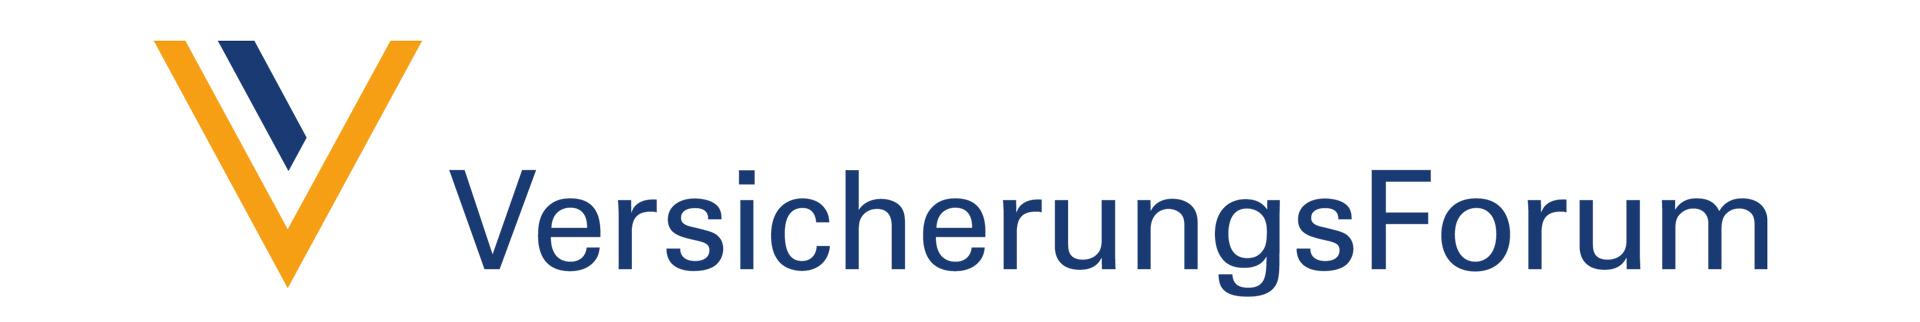 Versicherungsforum Logo